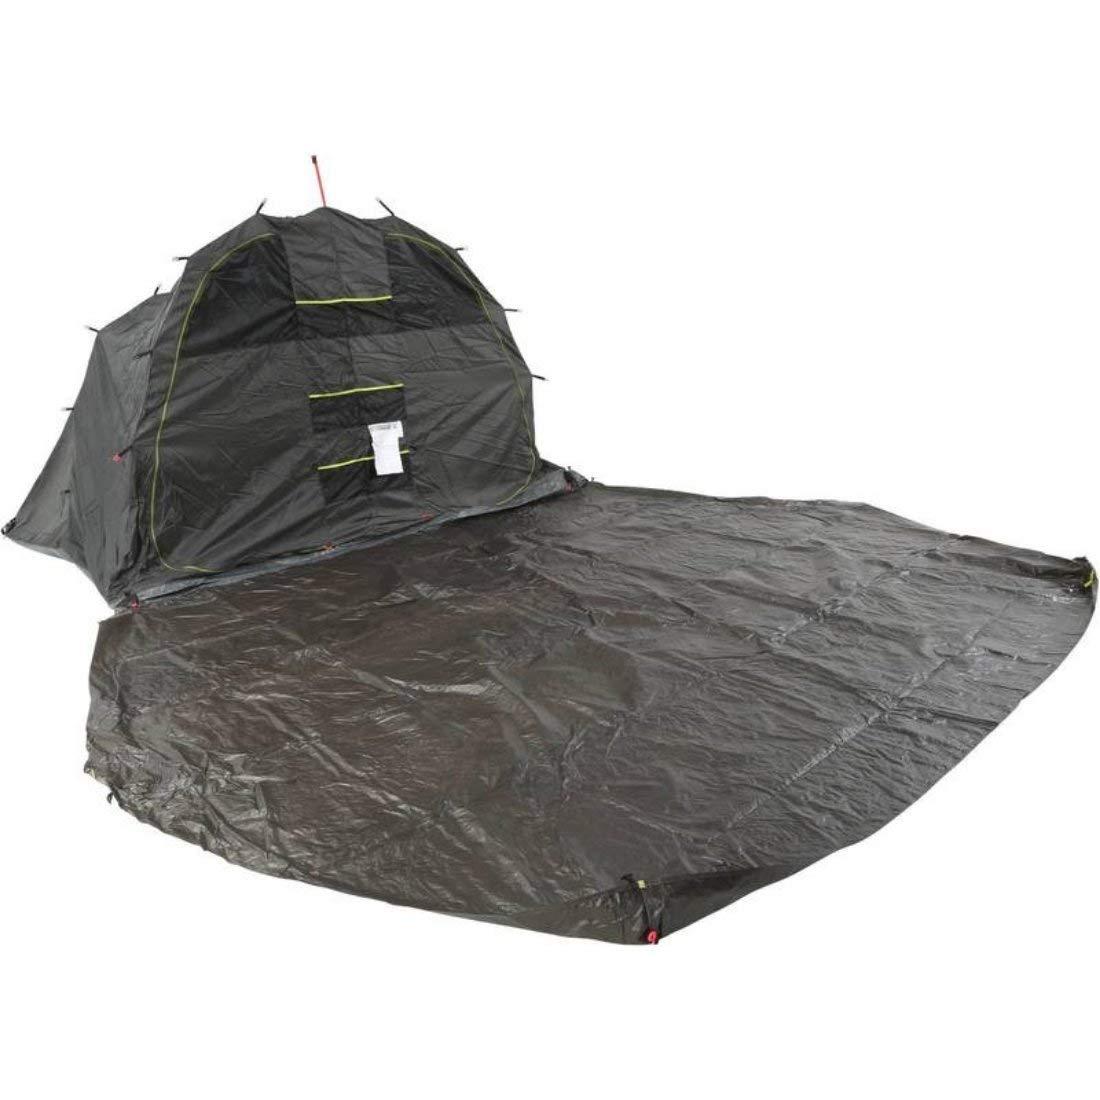 Quechua Wohn- und Bodenmatte für Arpenaz Family 8.4 XL Zelt